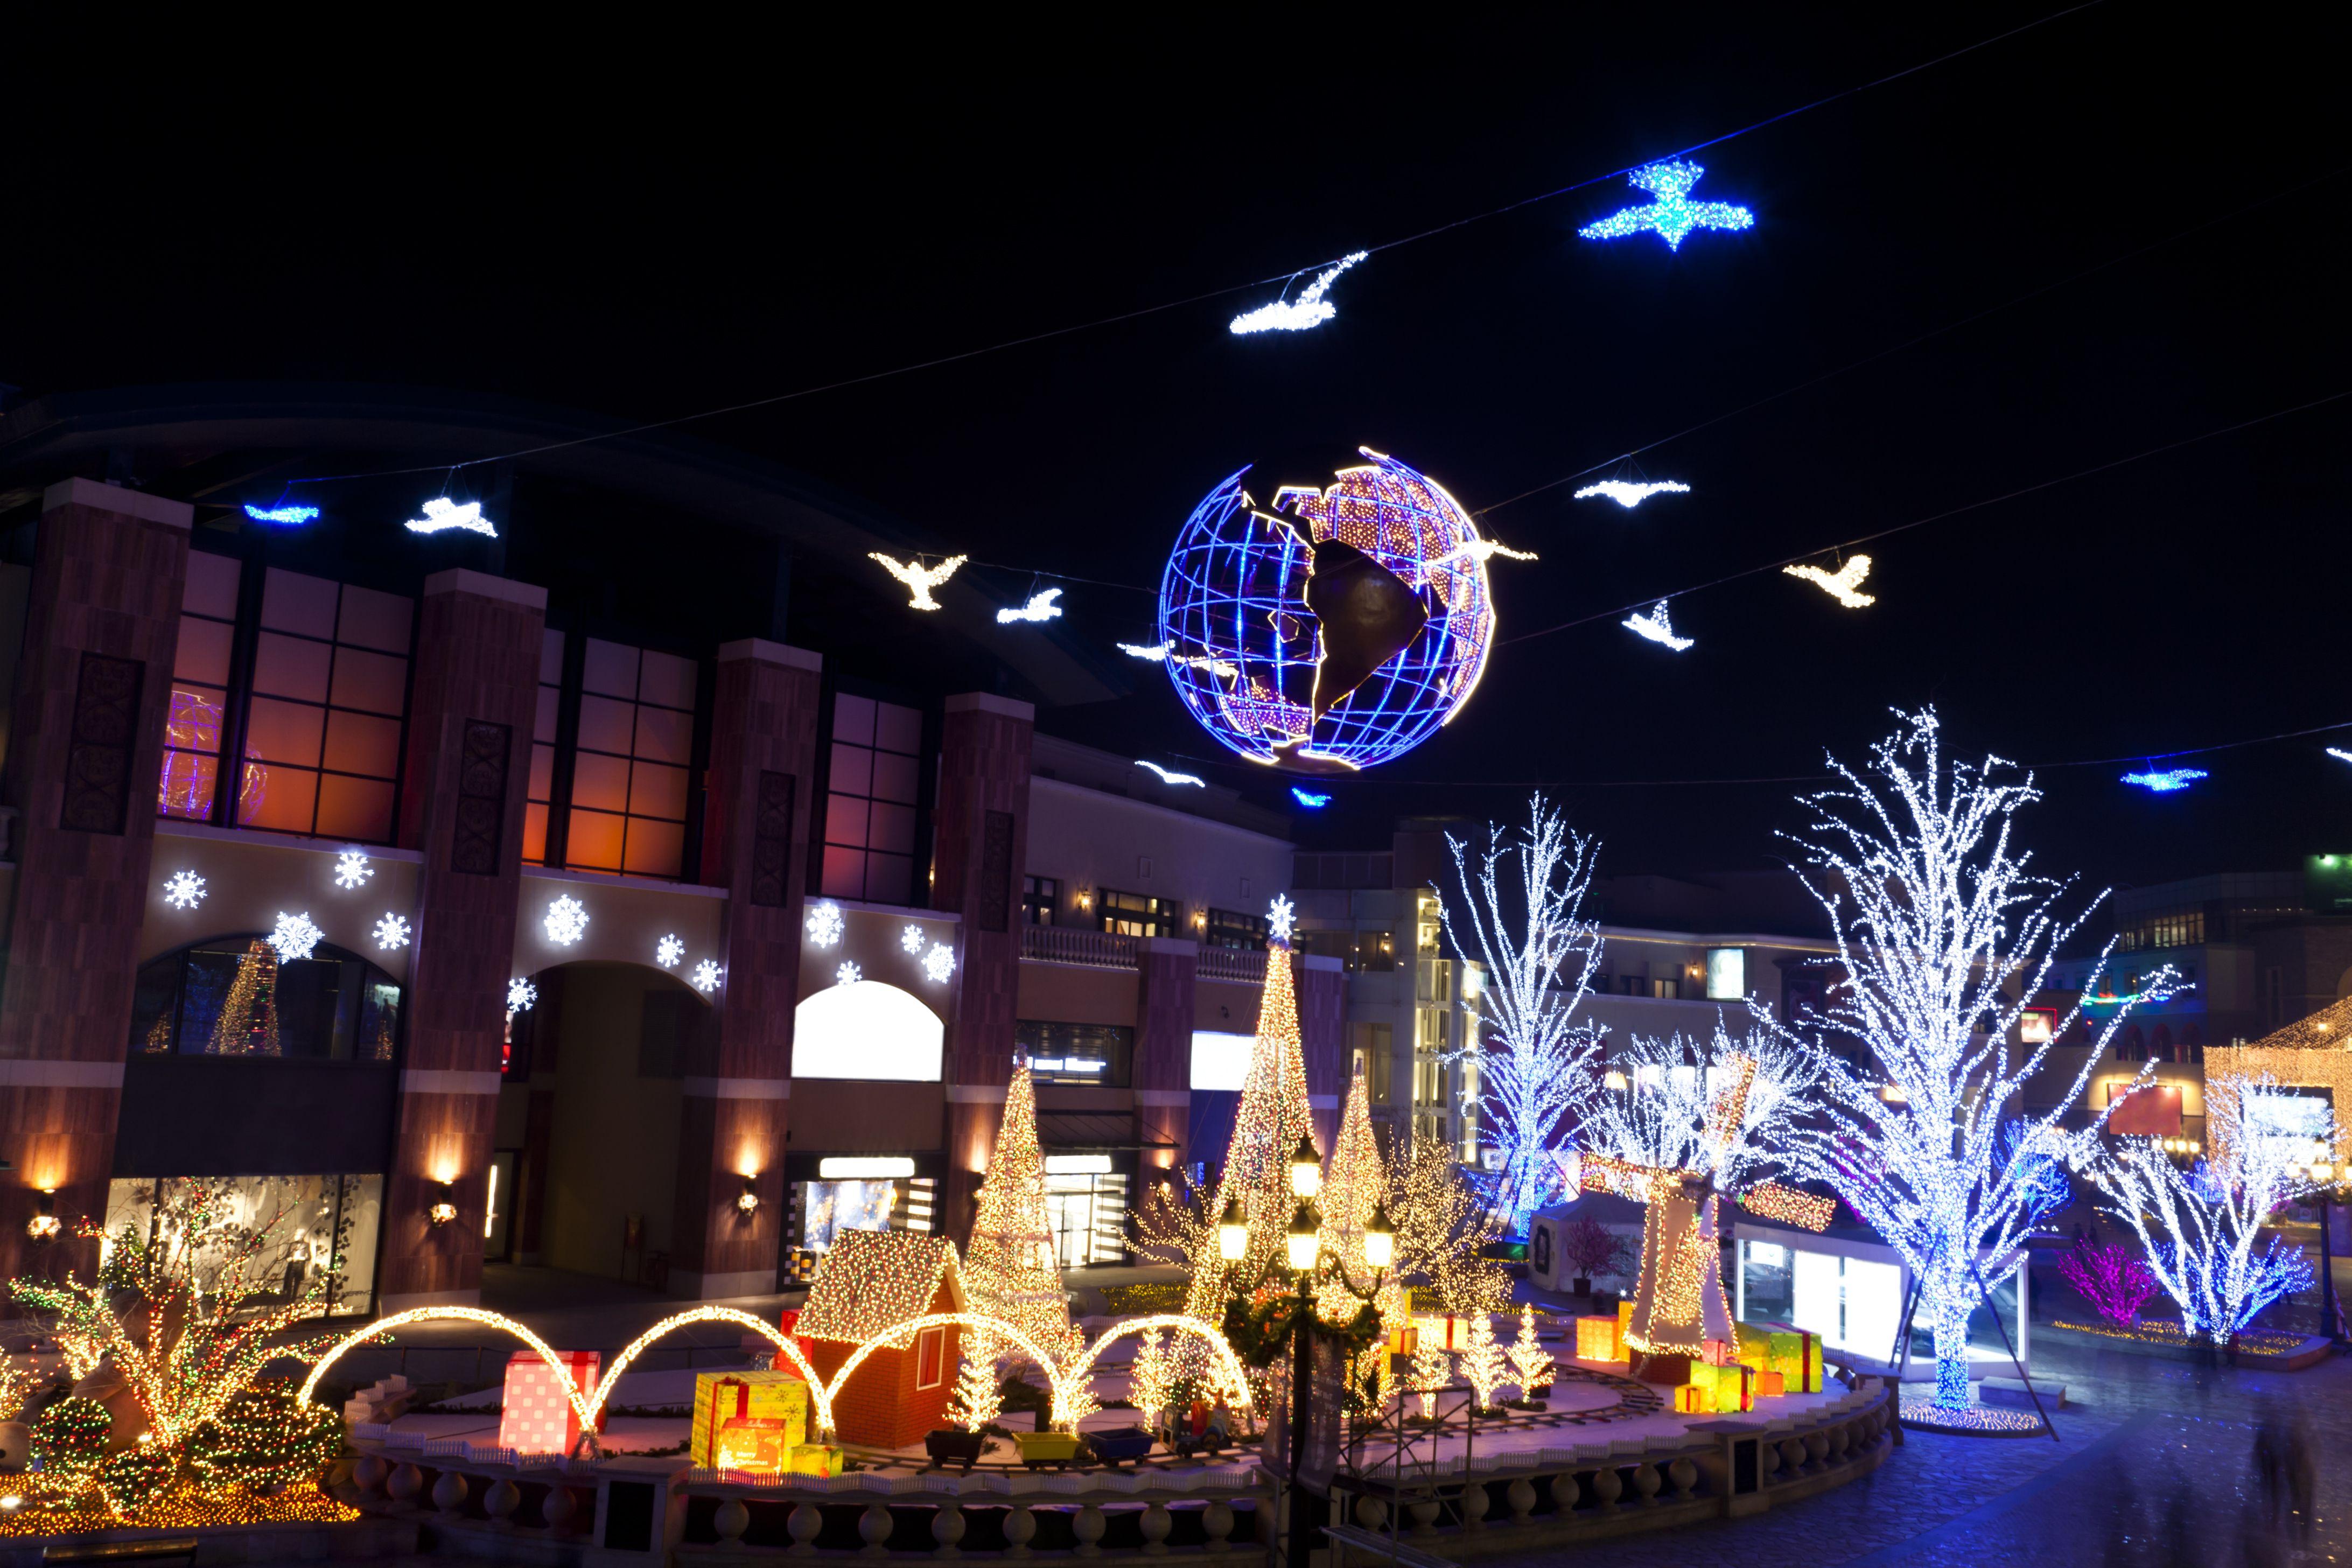 christmas light tour holidaylighttourchristmaslighttour hourleylimorental - Christmas Light Tour